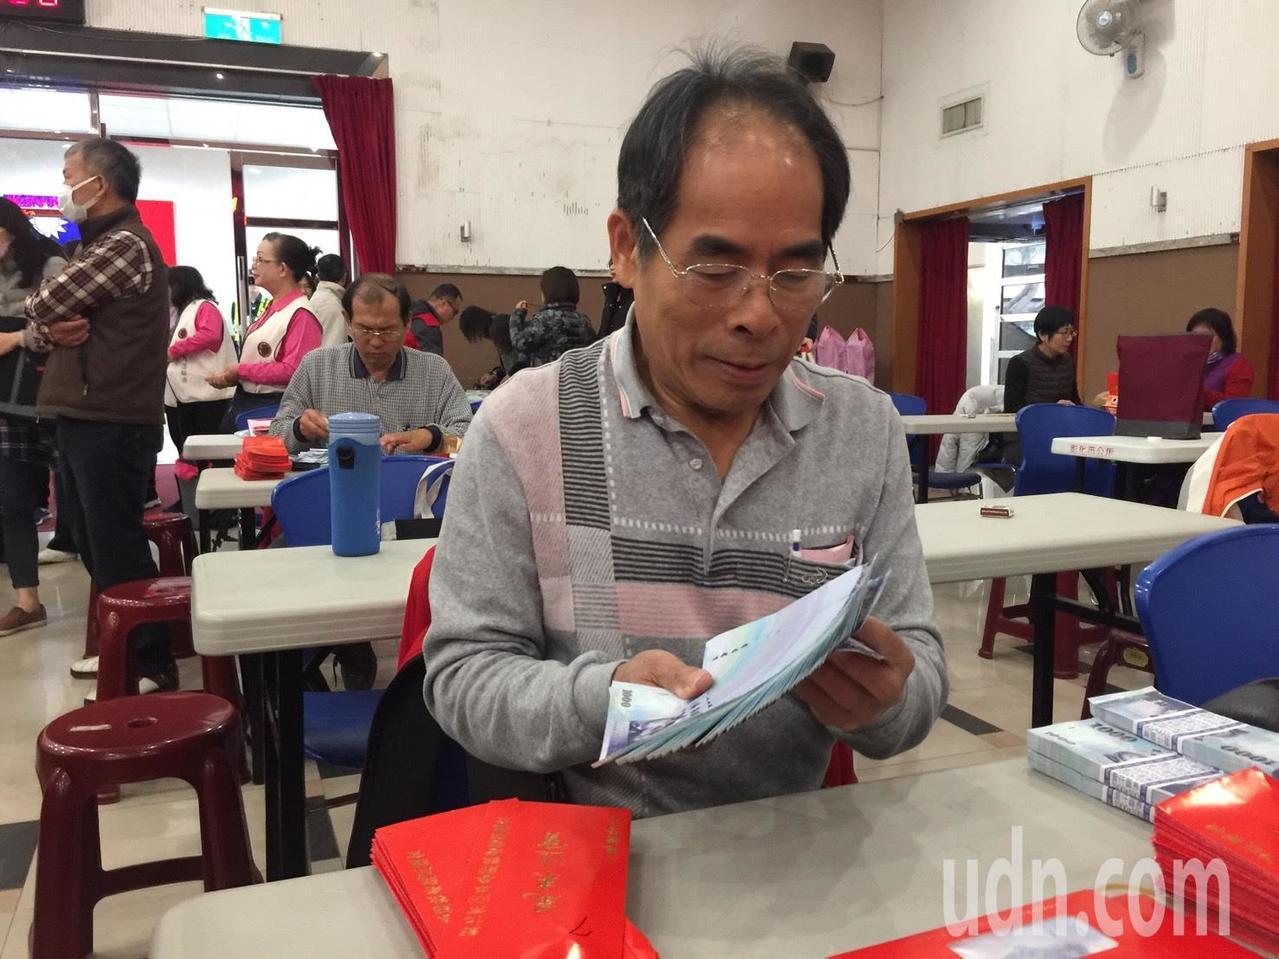 彰化市平和里里幹事李壽傳到今年已第15年來點鈔,而他明天就要退休,這也是他最後一...